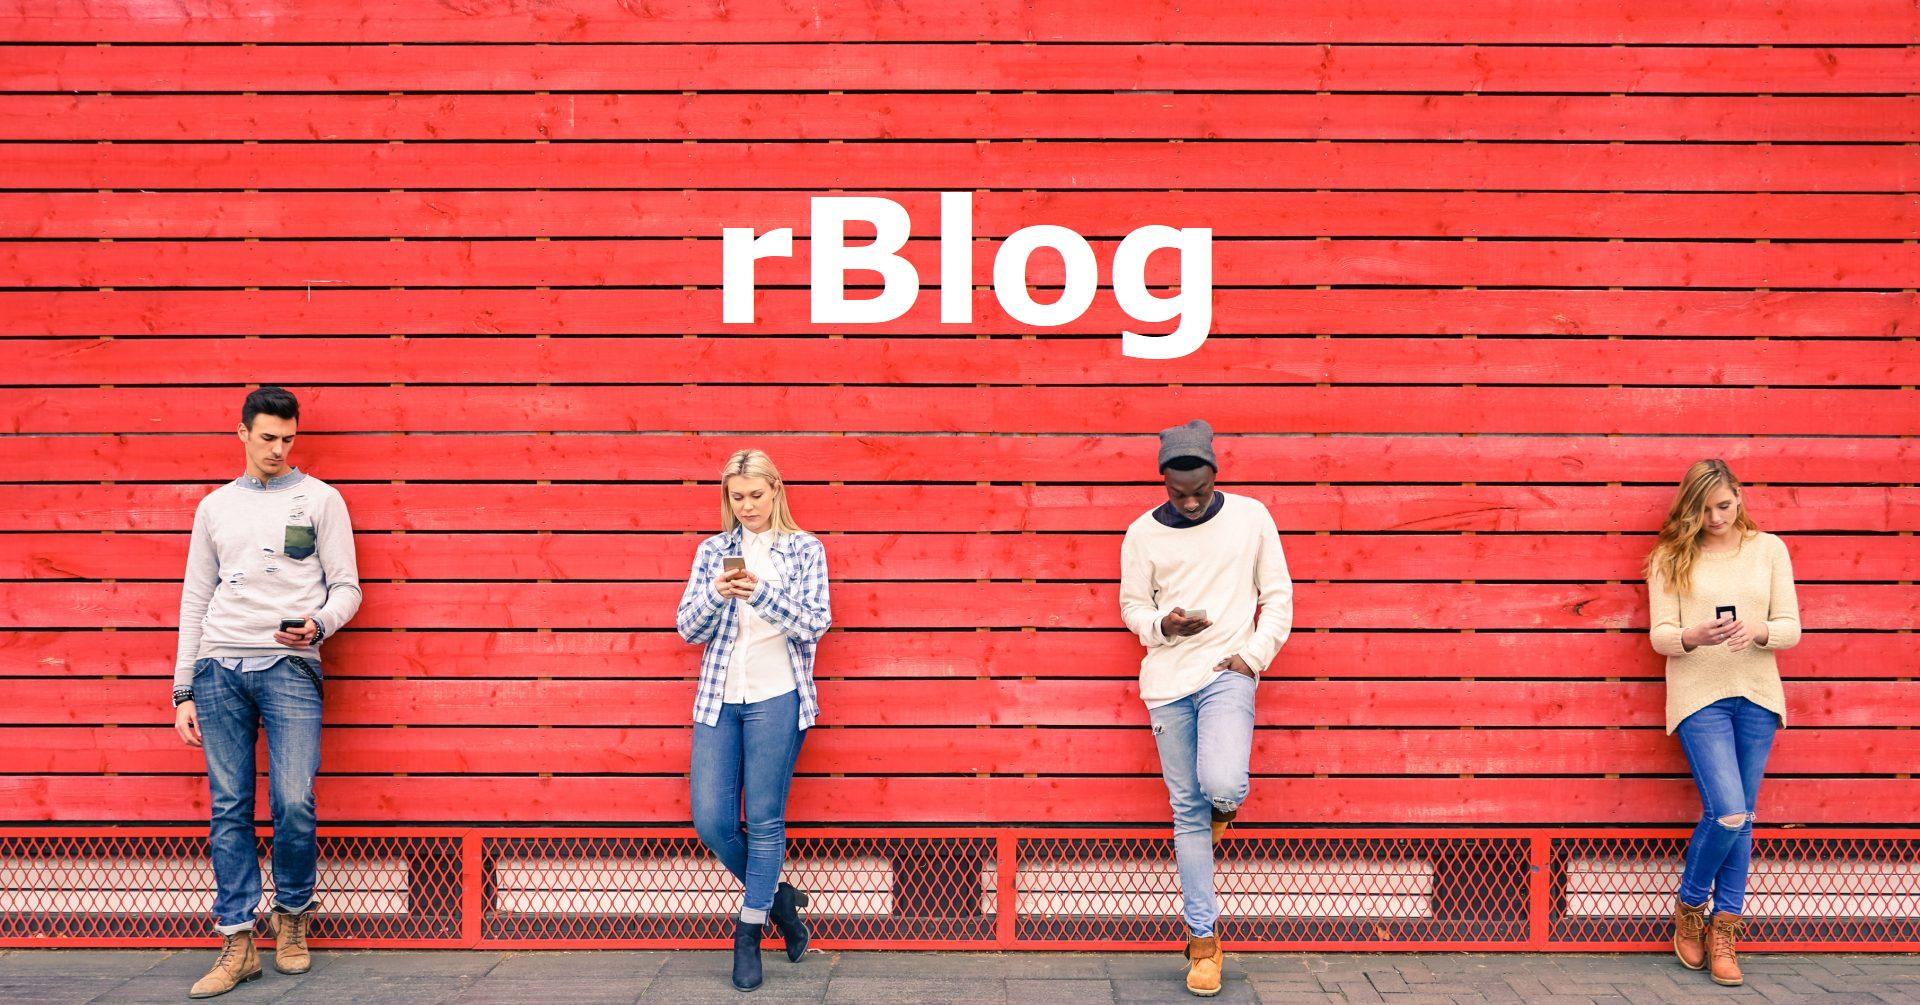 rBlog